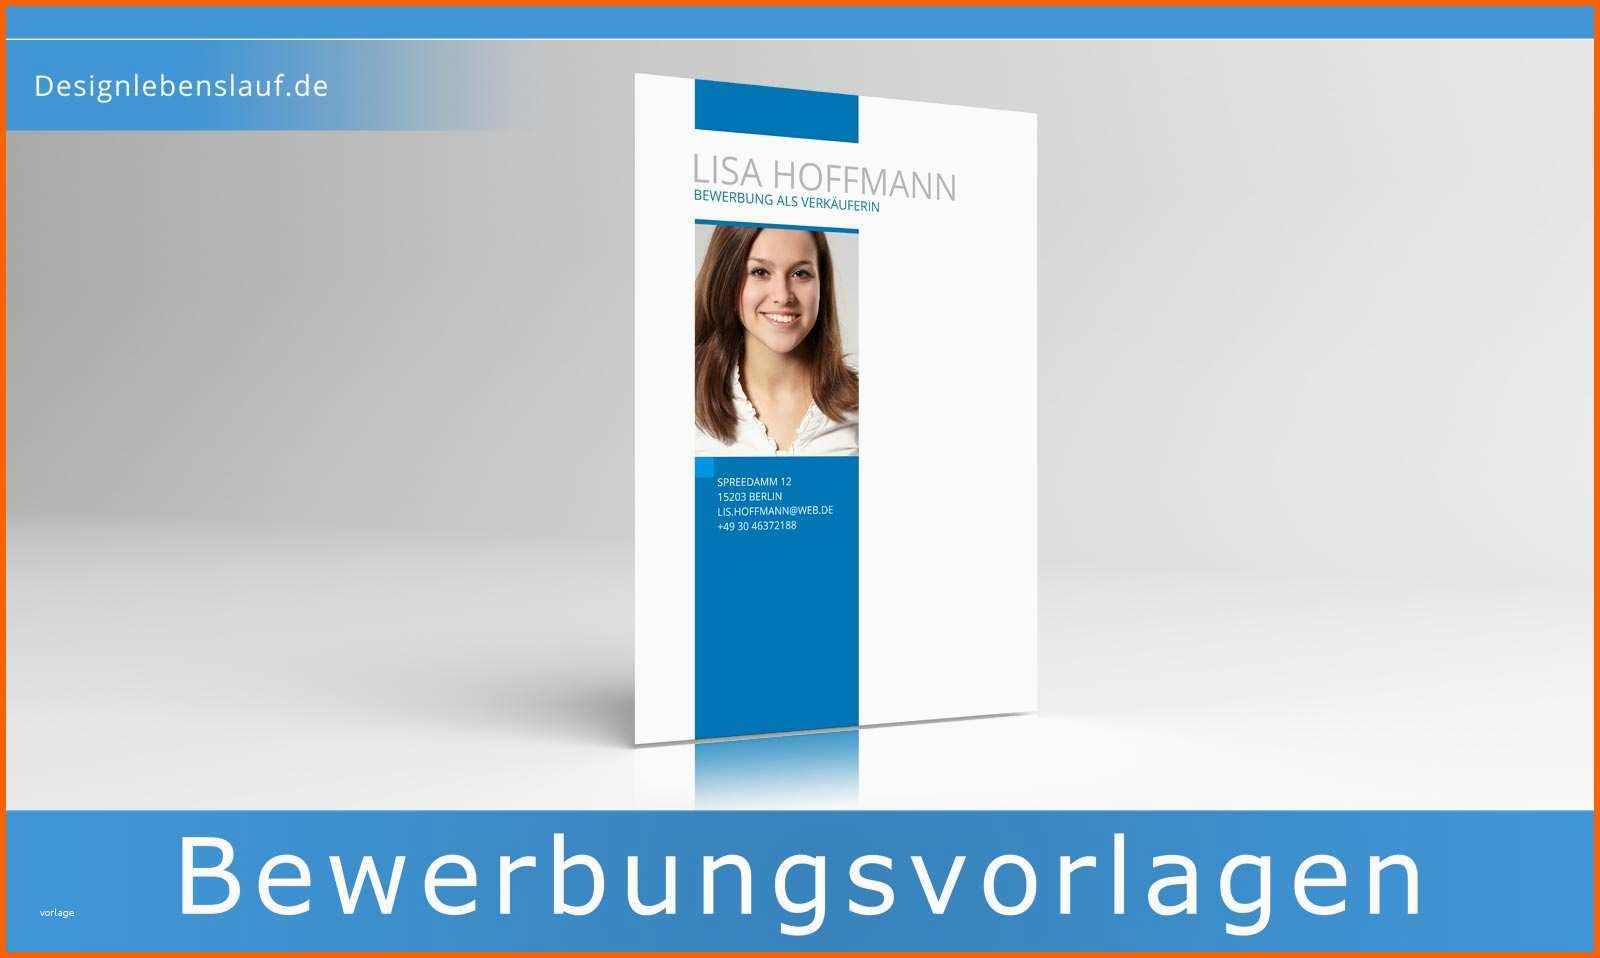 Tolle Bewerbung Deckblatt Vorlage Mit Lebenslauf Und ...